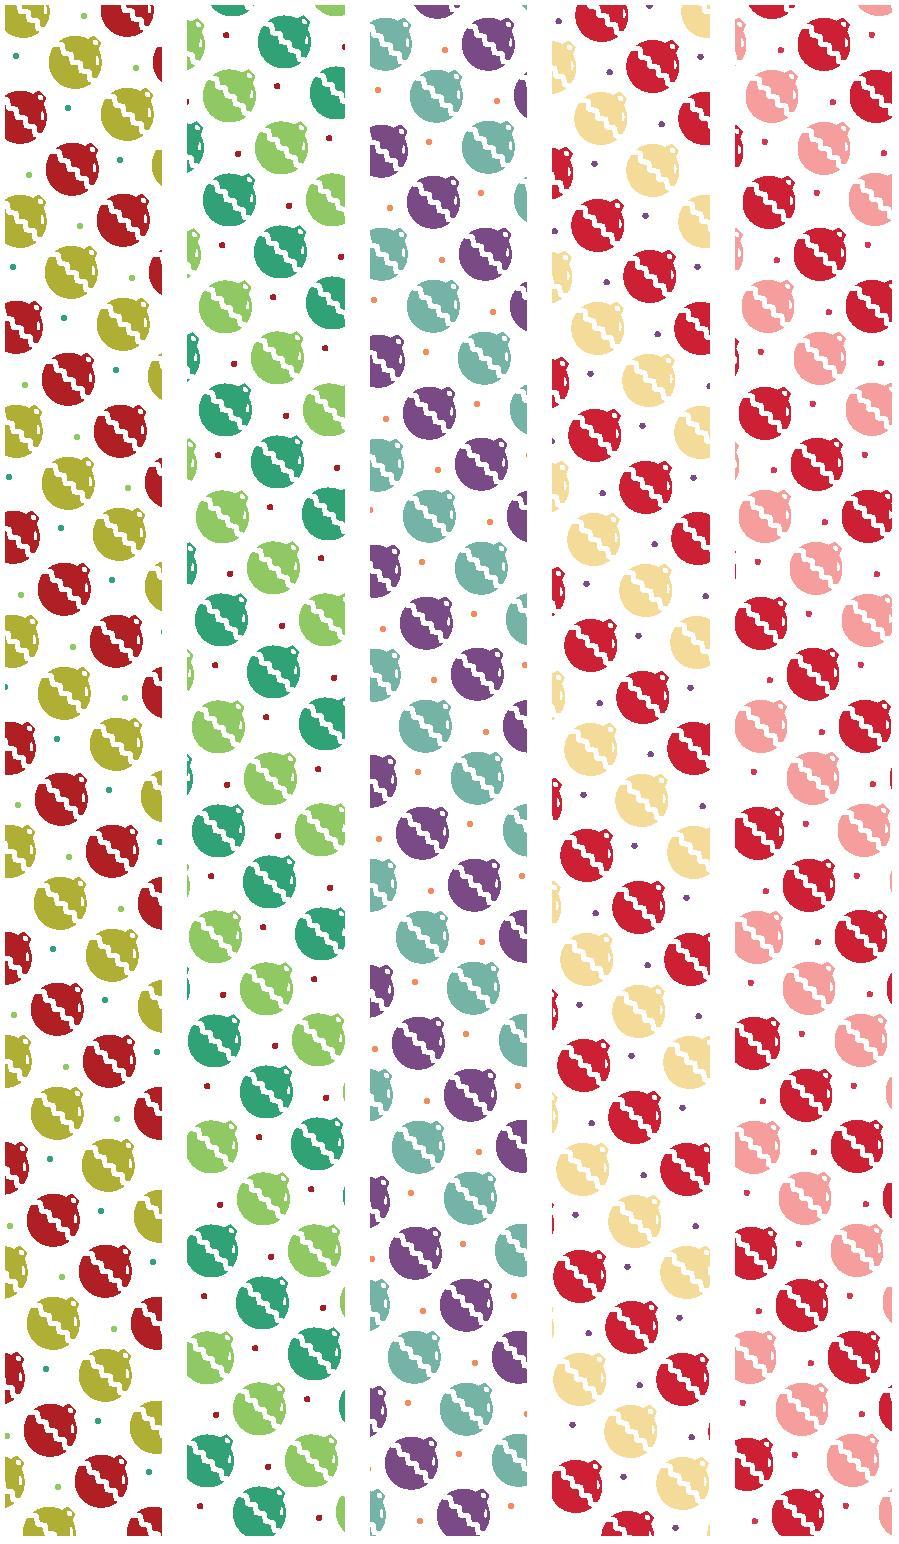 Papeles decorados para imprimir gratis imagui - Papel decorado manualidades ...